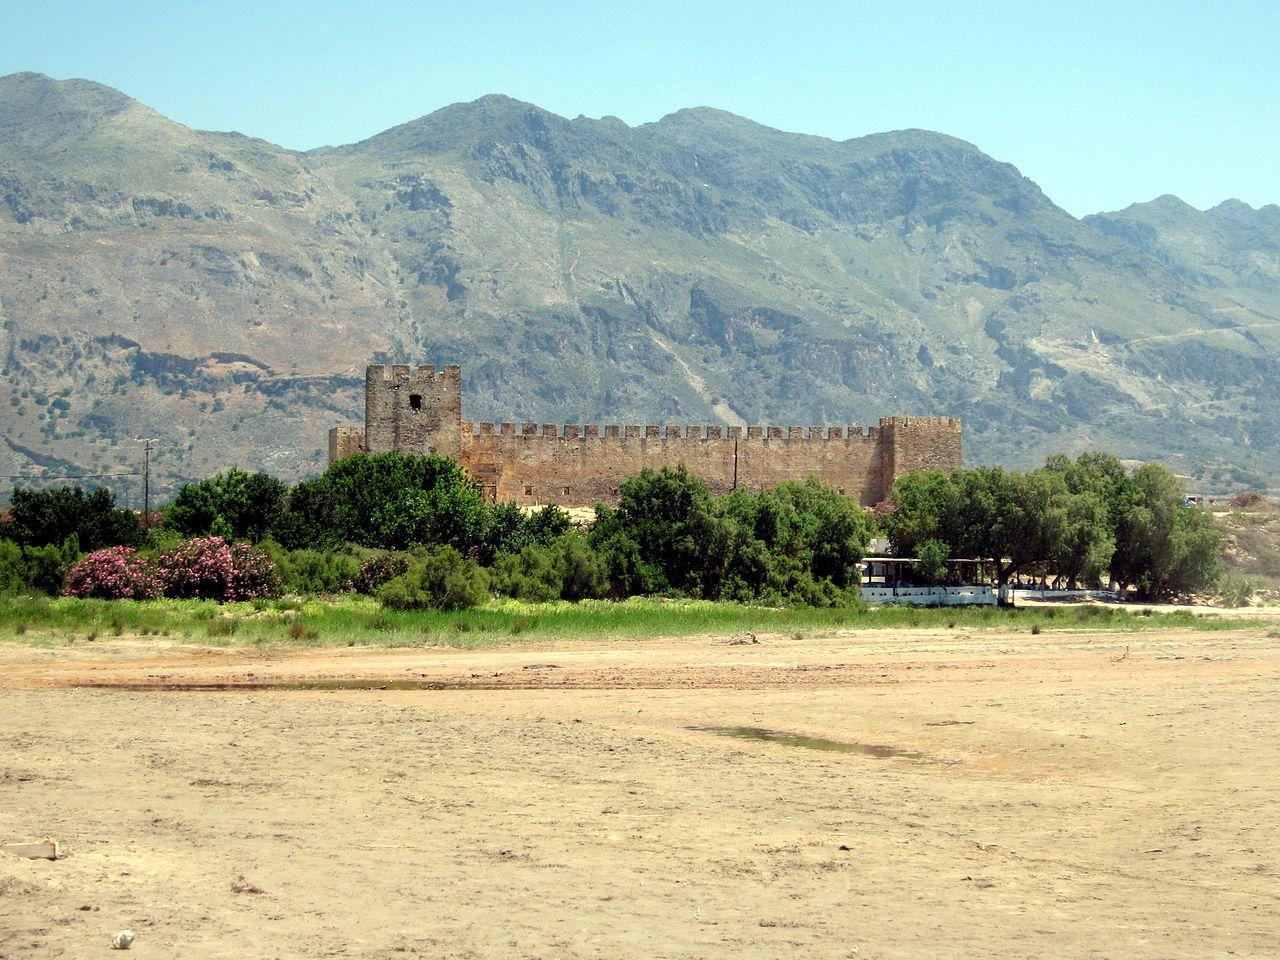 Το θρυλικό Φραγκοκάστελλο με τα λίθινα τείχη και τους πύργους